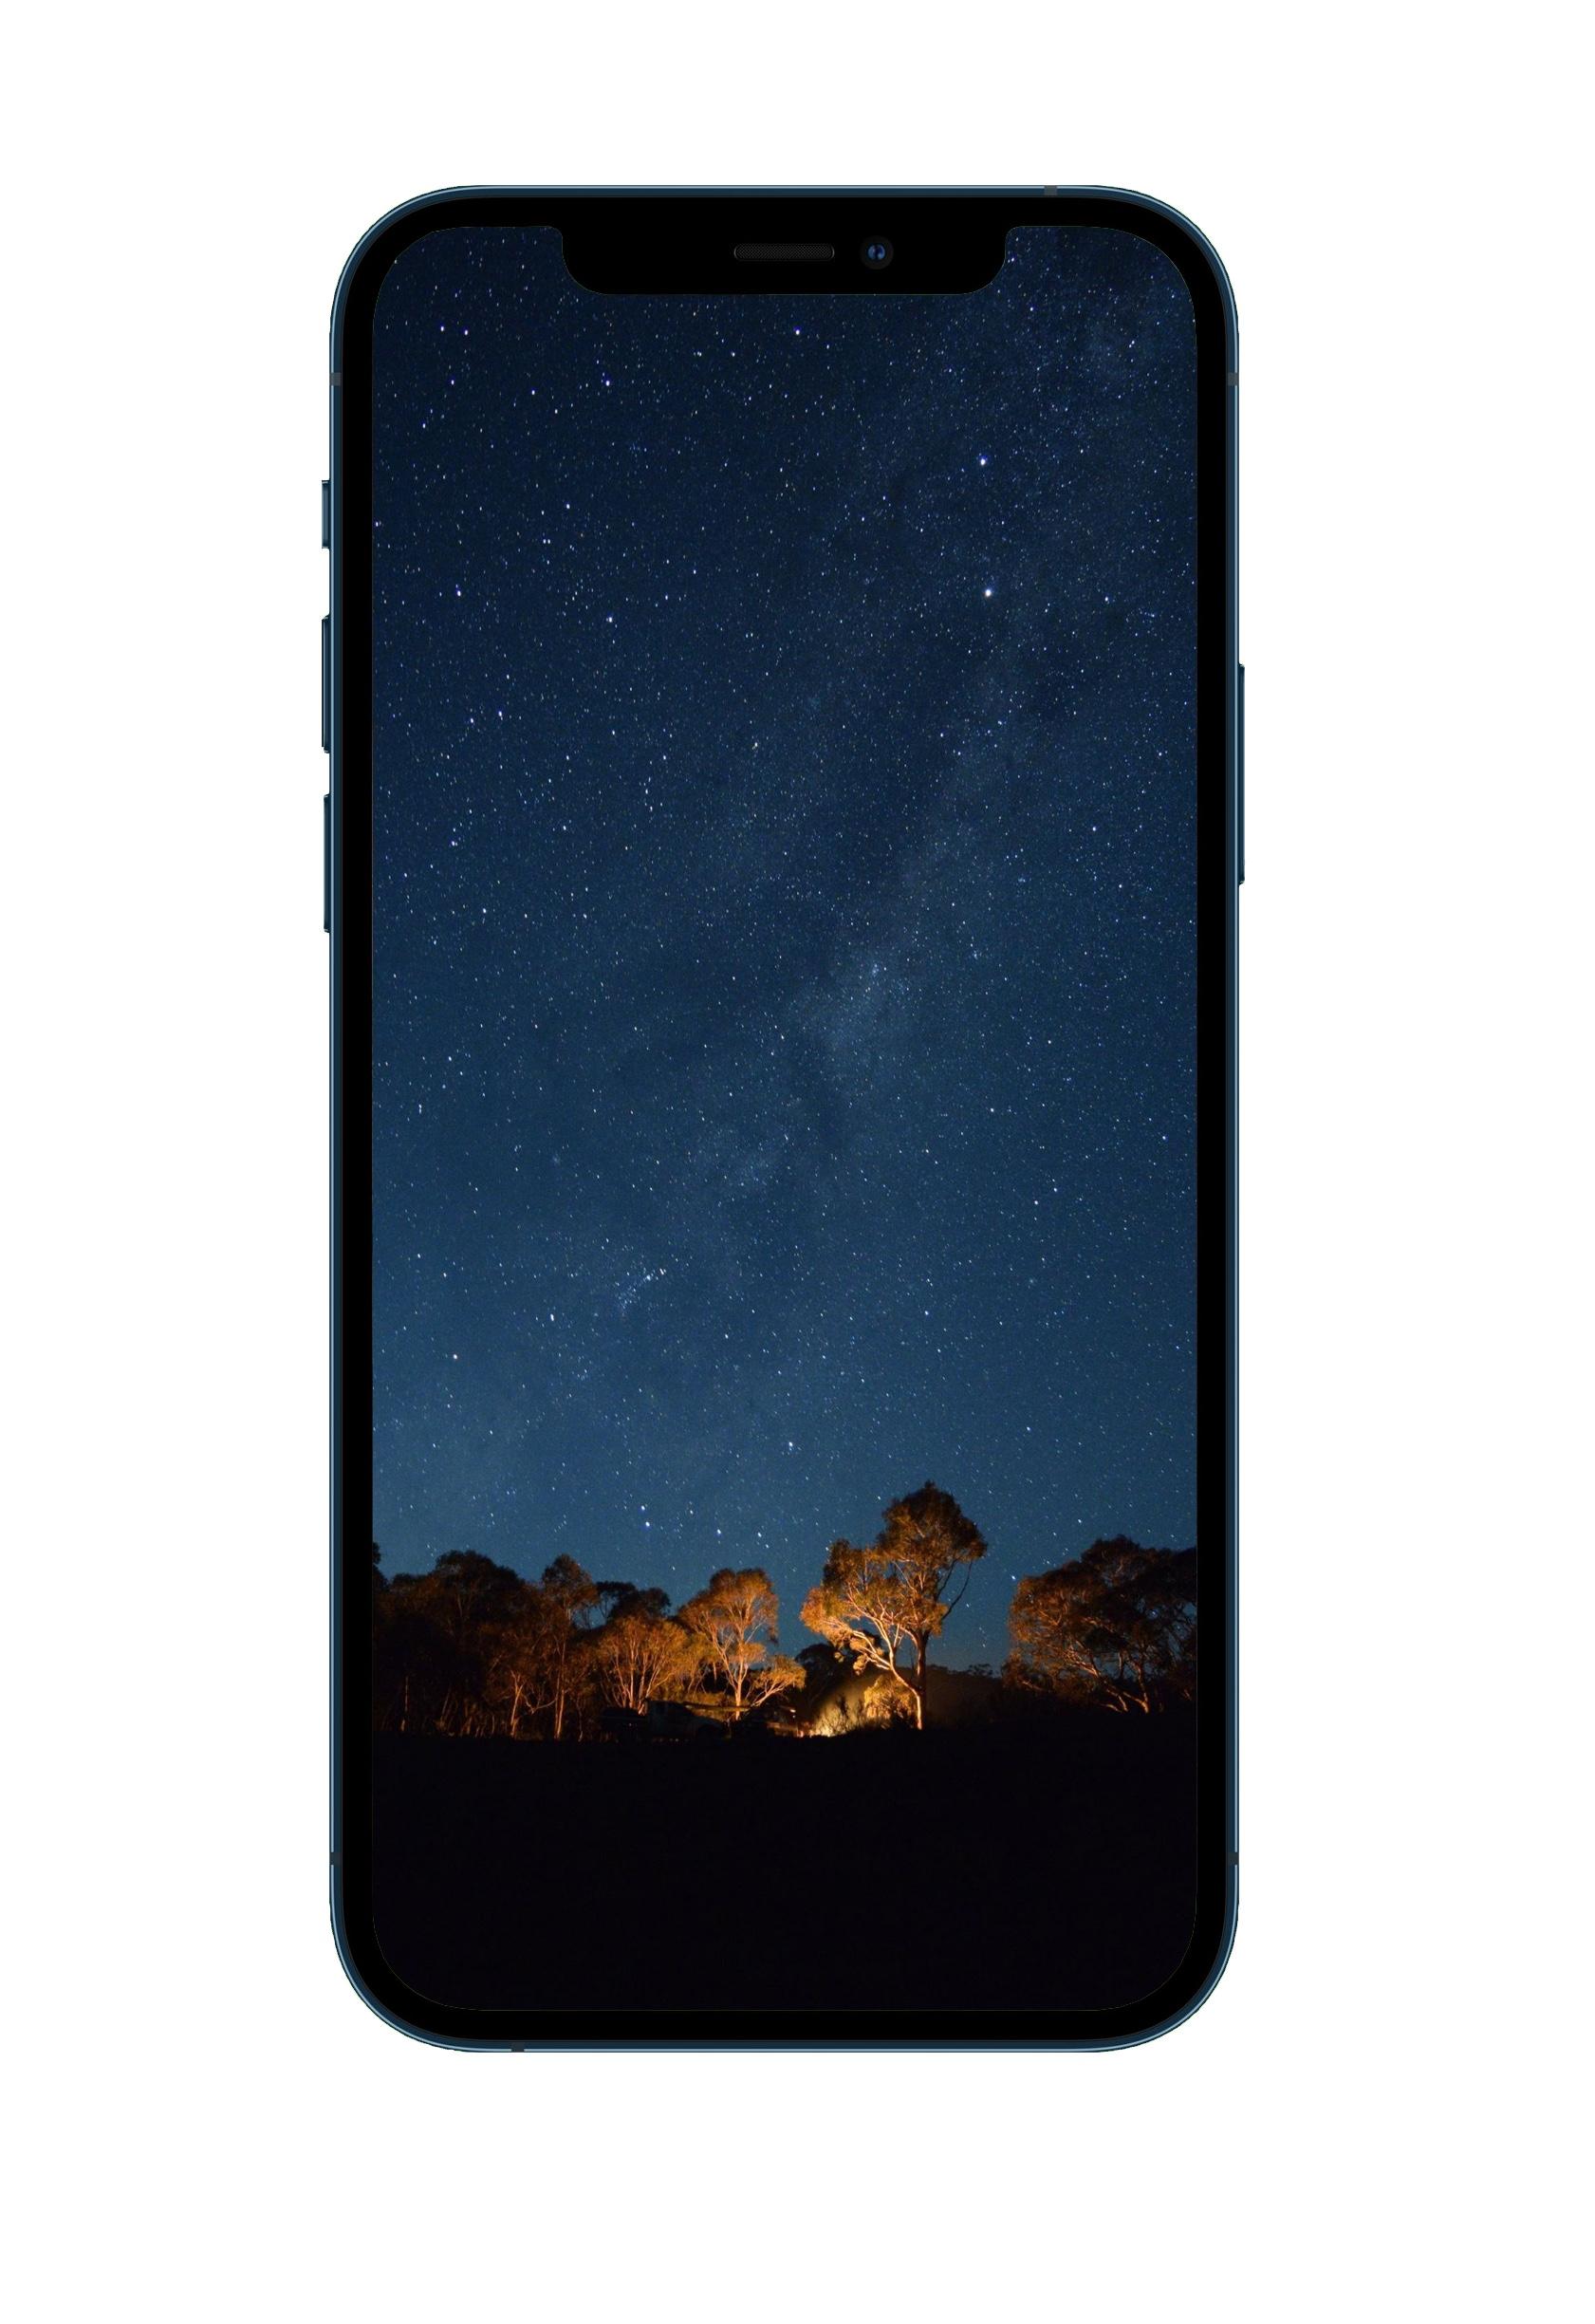 10 космических обоев для iPhone. Звёзды, планеты и галактики